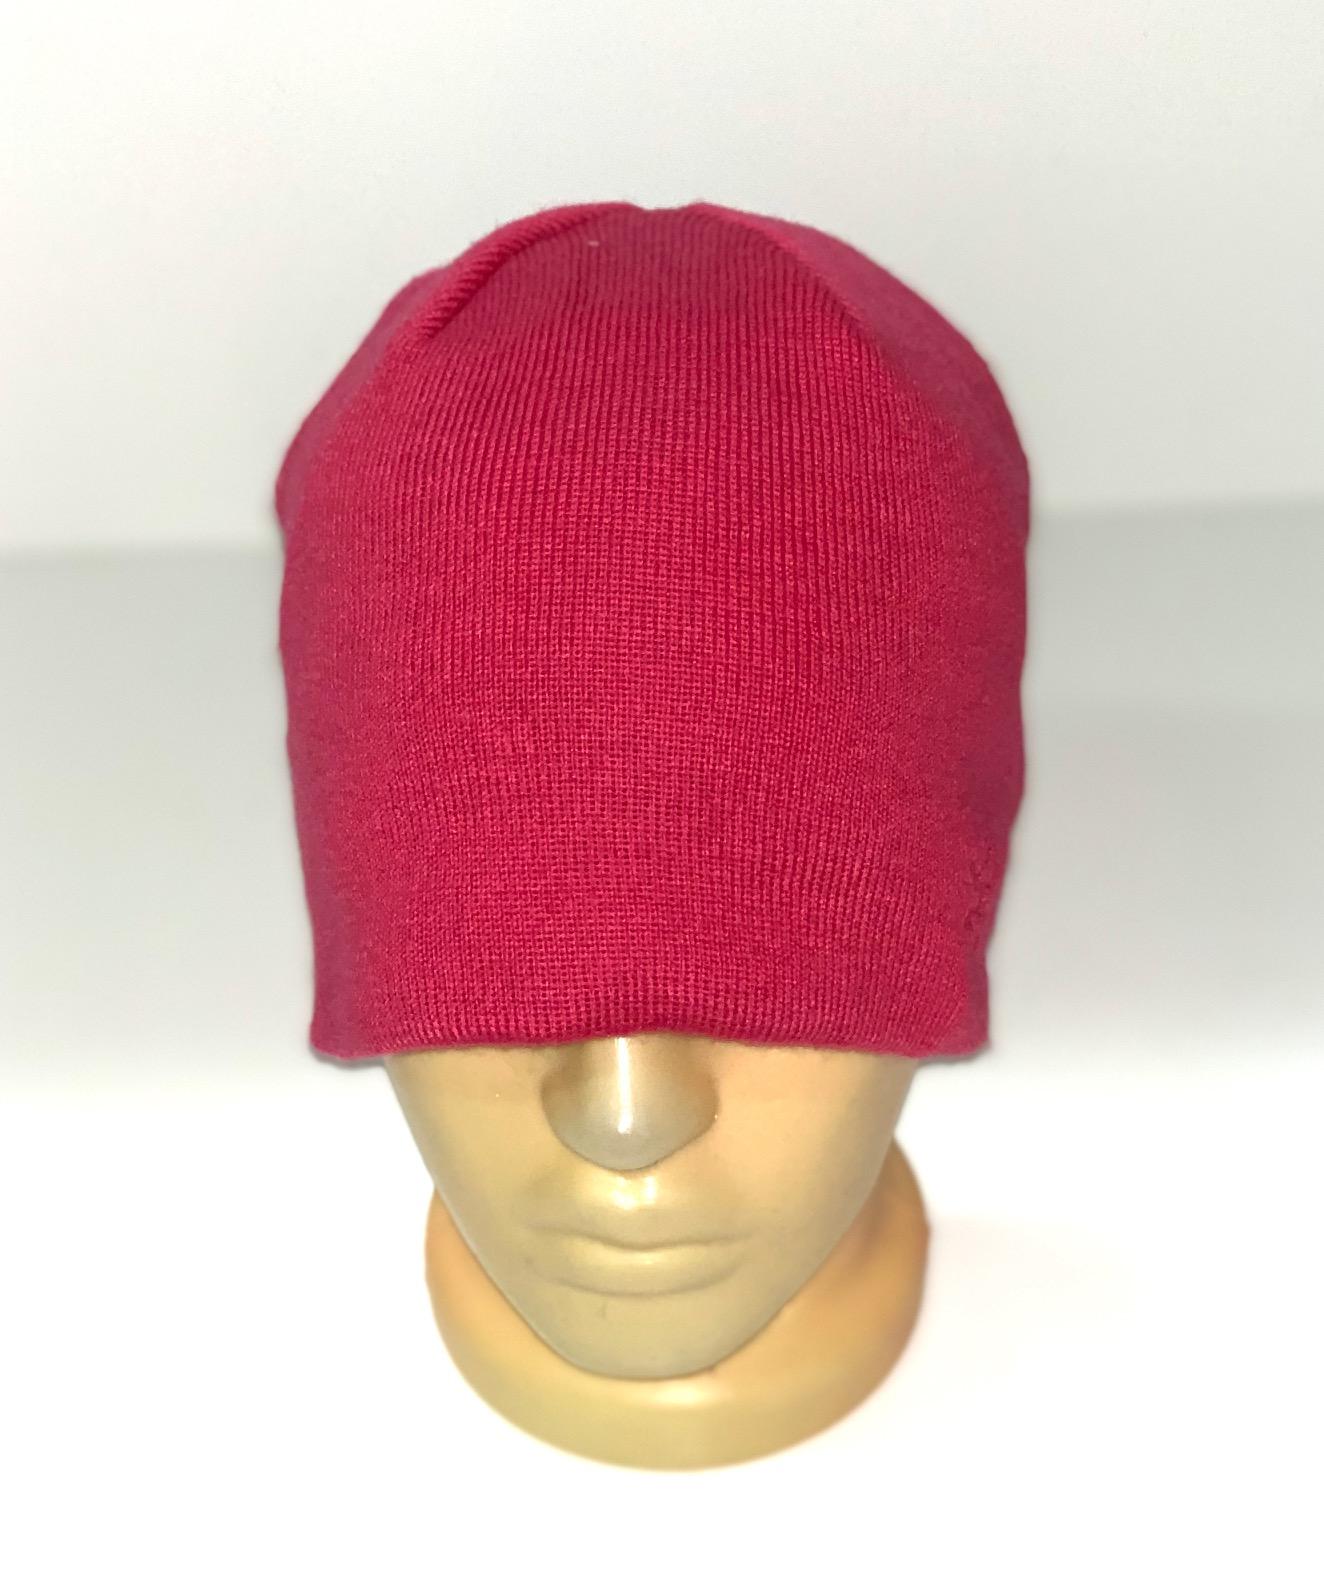 Лаконичная шапка малинового цвета